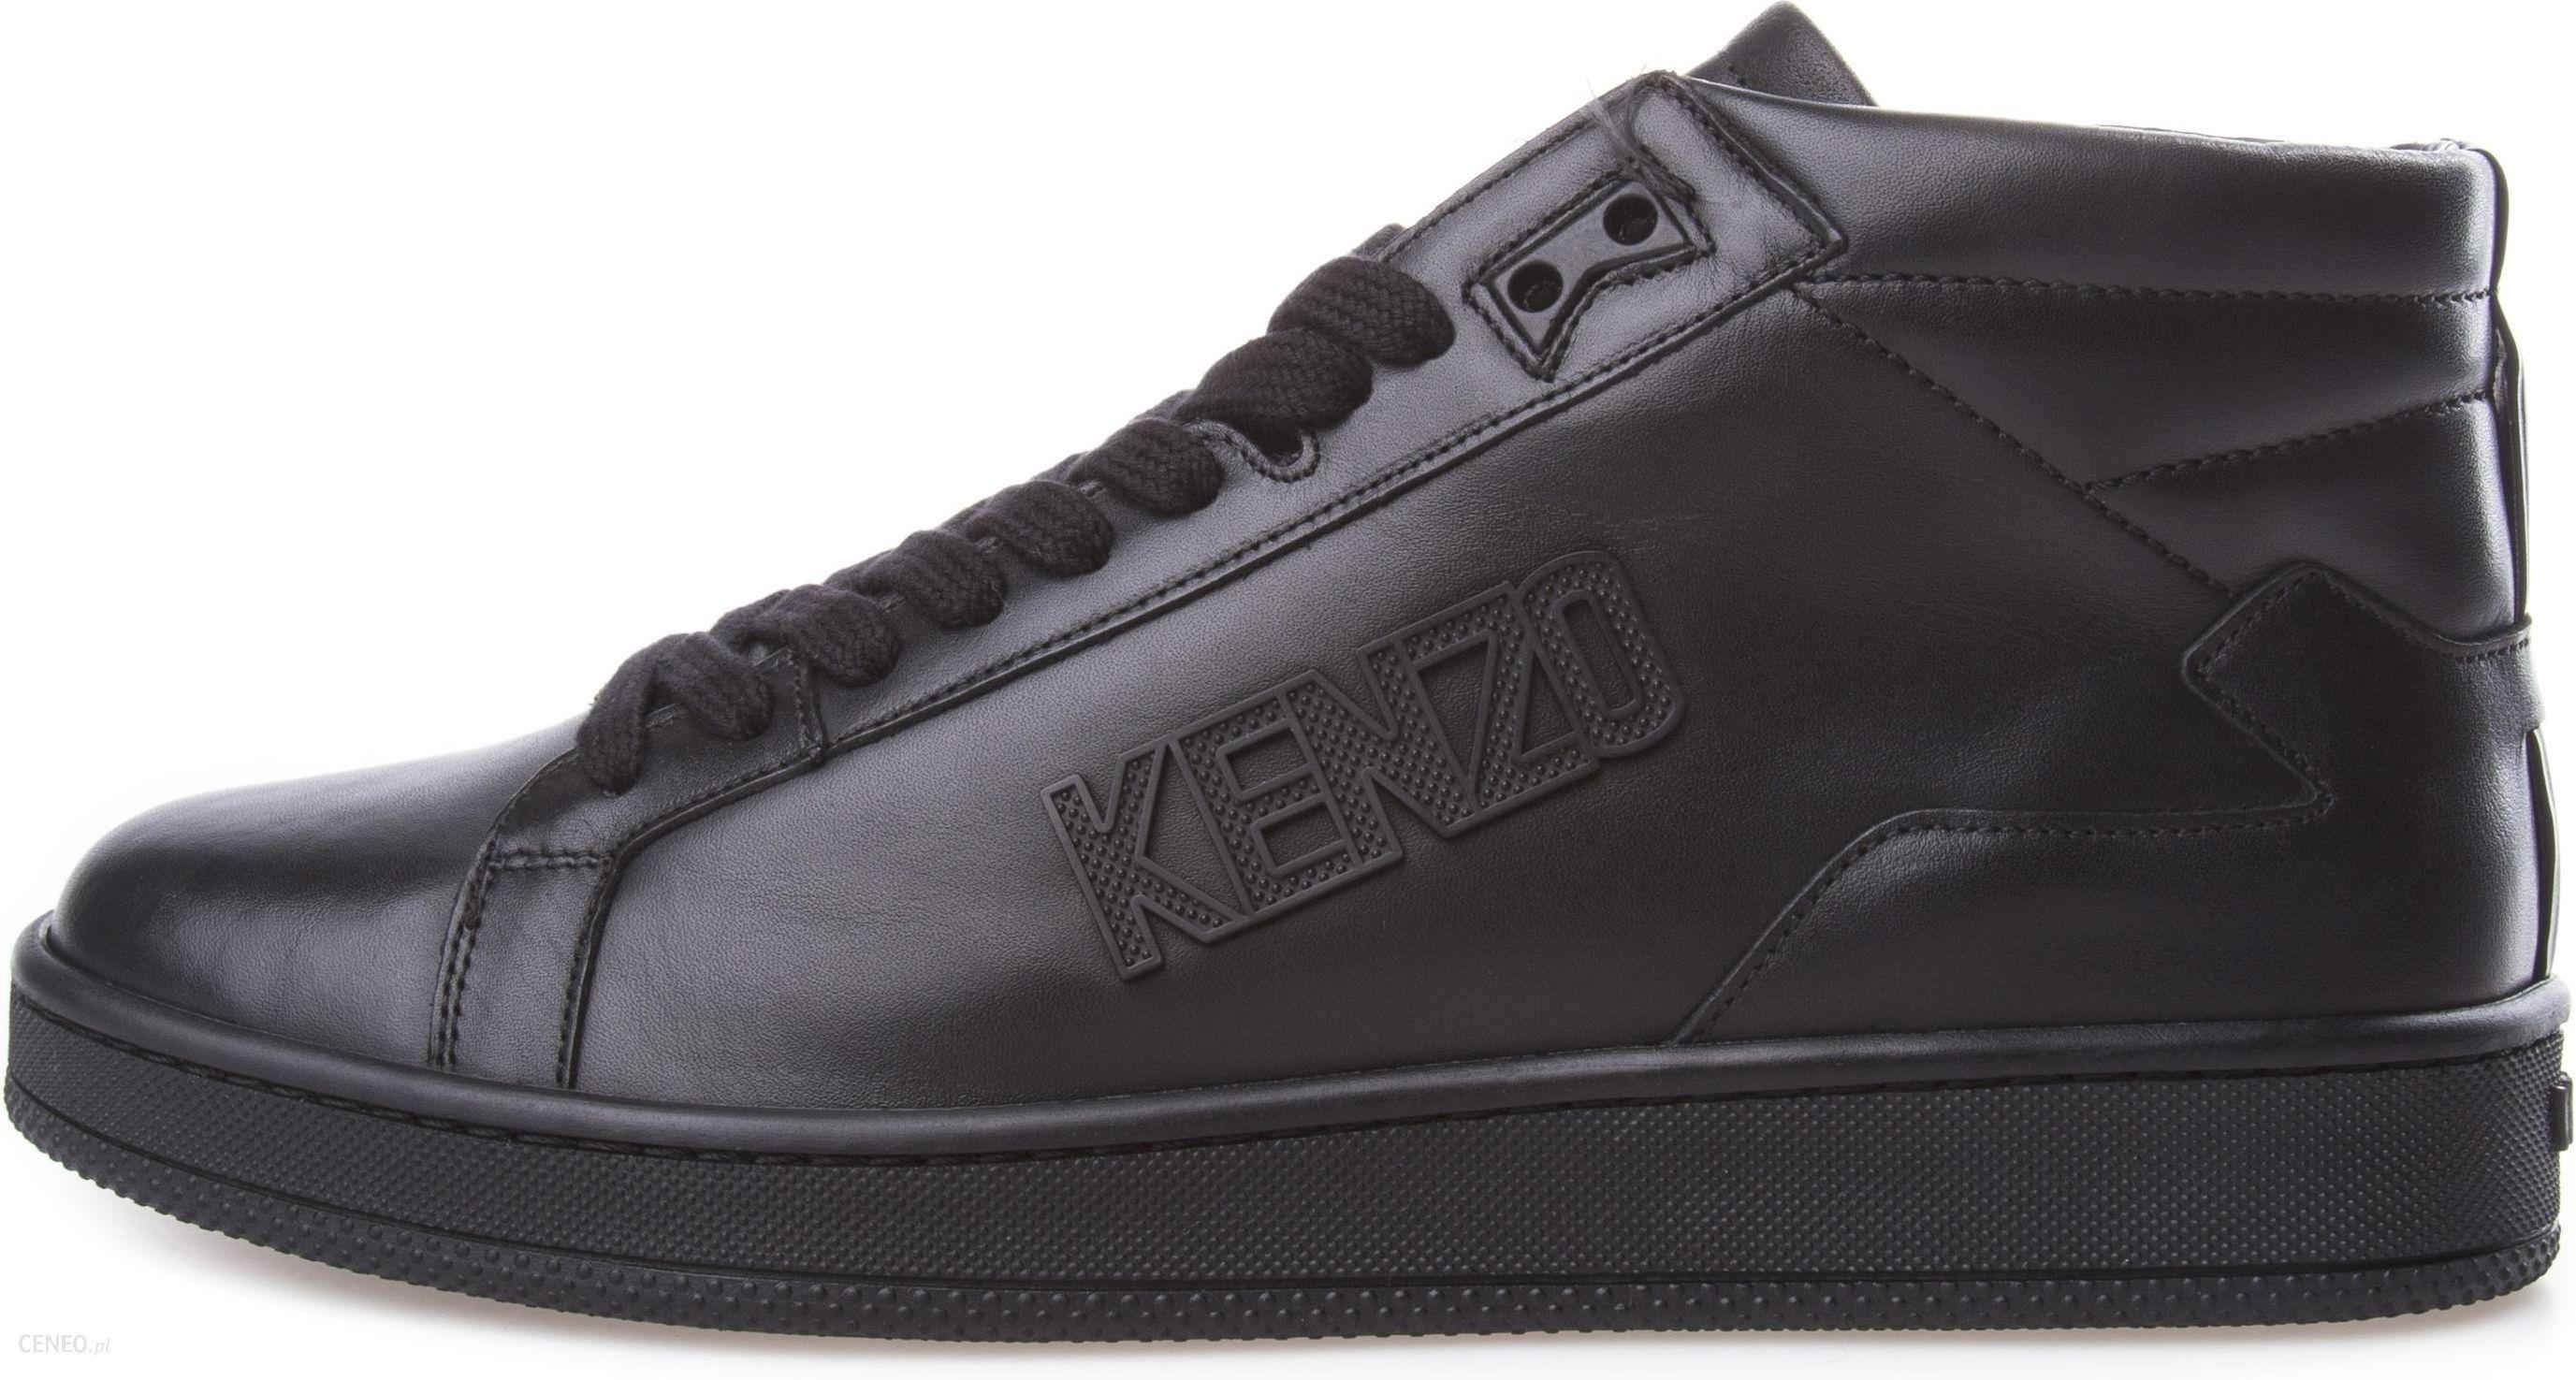 Kenzo Tearx Tenisówki Czarny 40